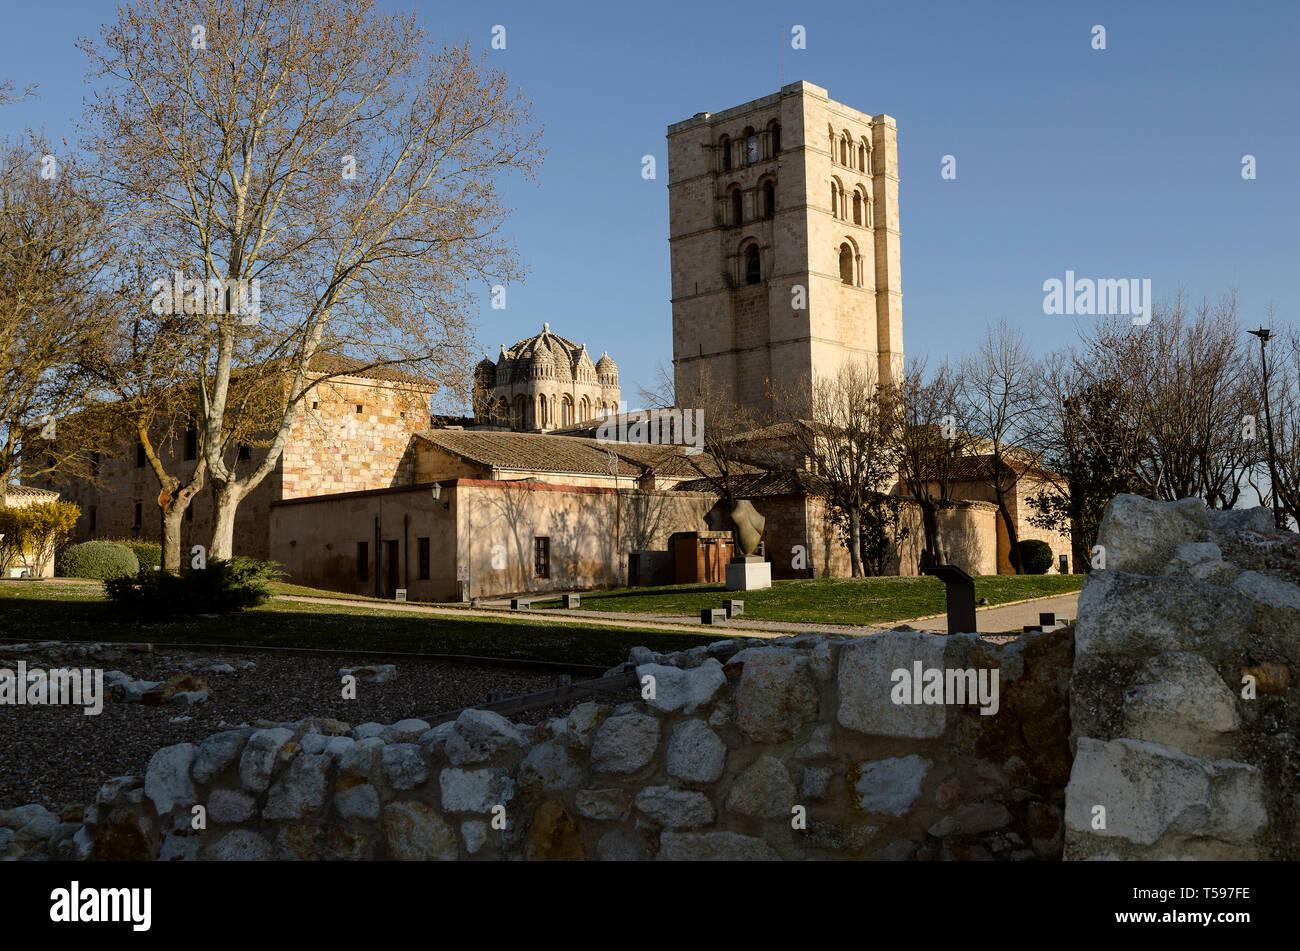 Zamora, Torre de la Catedral y cimborrio - Stock Image